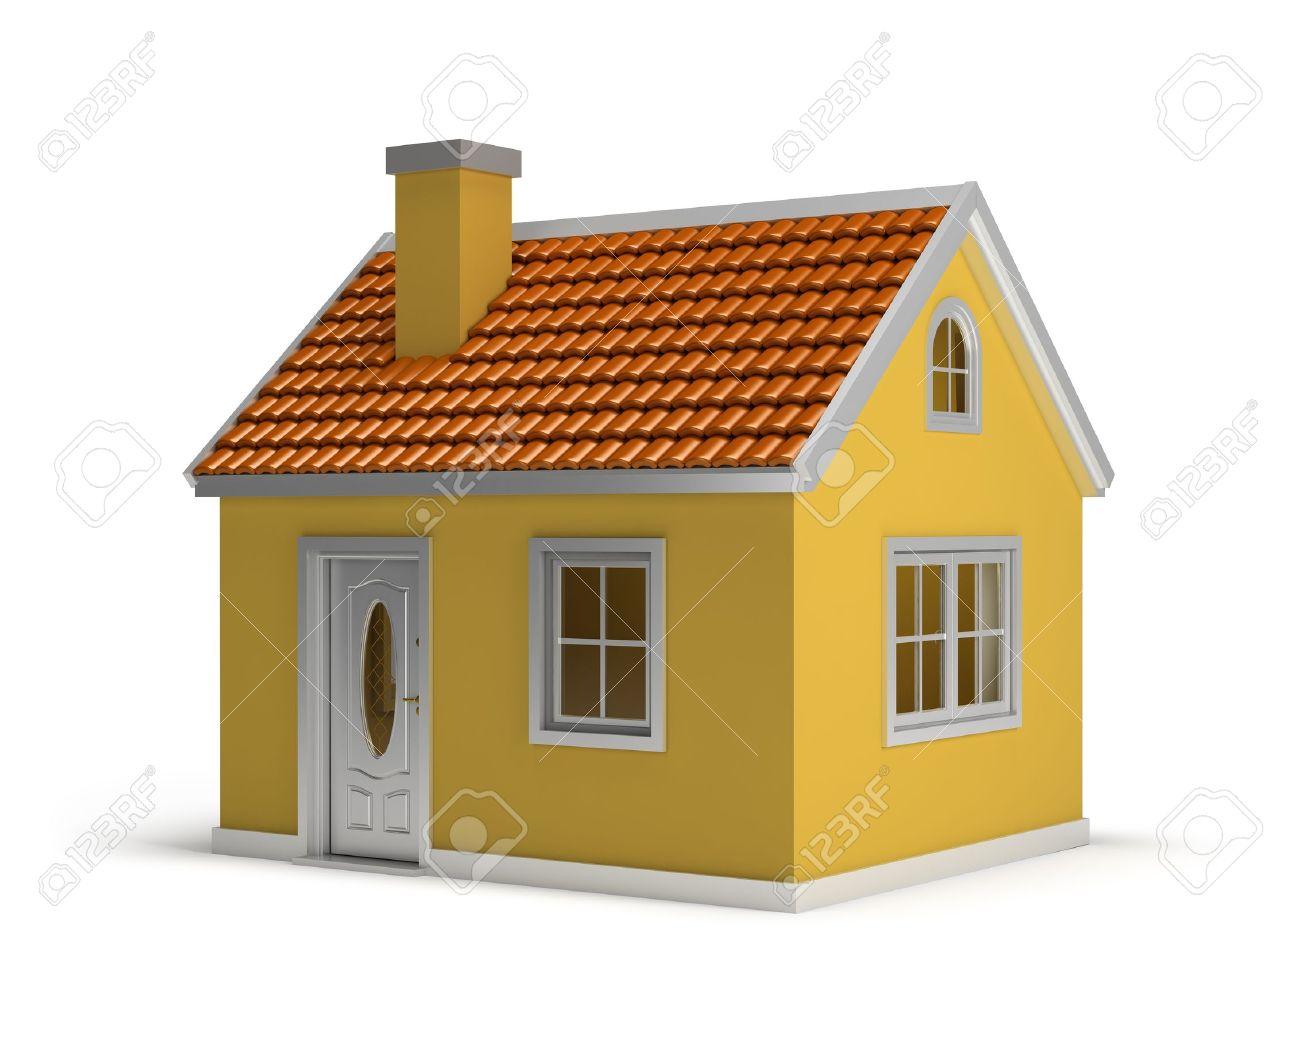 maison jaune image 3d isole sur fond blanc